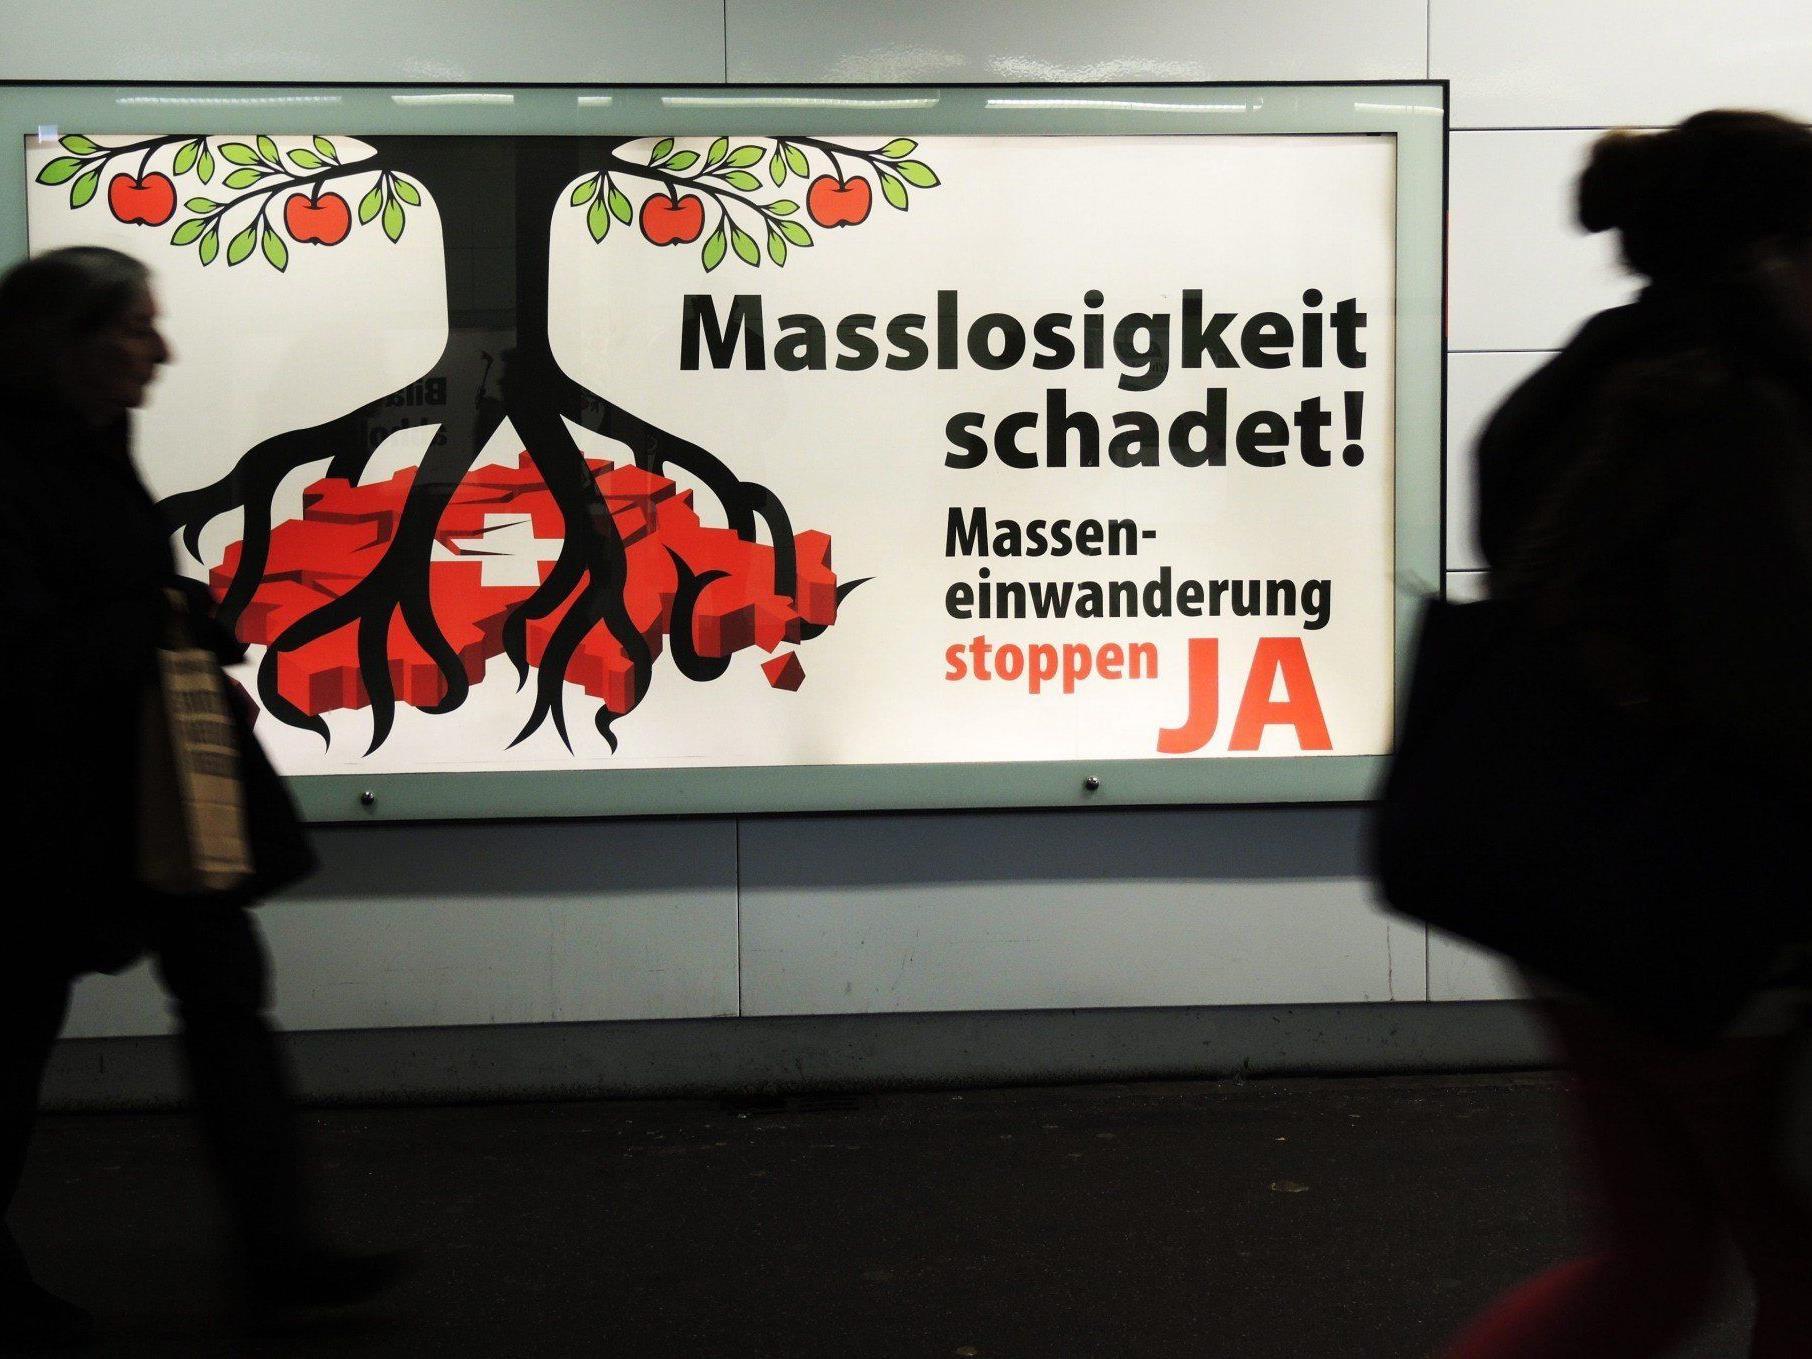 """Am 9. Februar stimmen die Eidgenossen über eine Volksinitiative """"gegen Masseneinwanderung"""" der national-konservativen Schweizerischen Volkspartei (SVP) ab."""